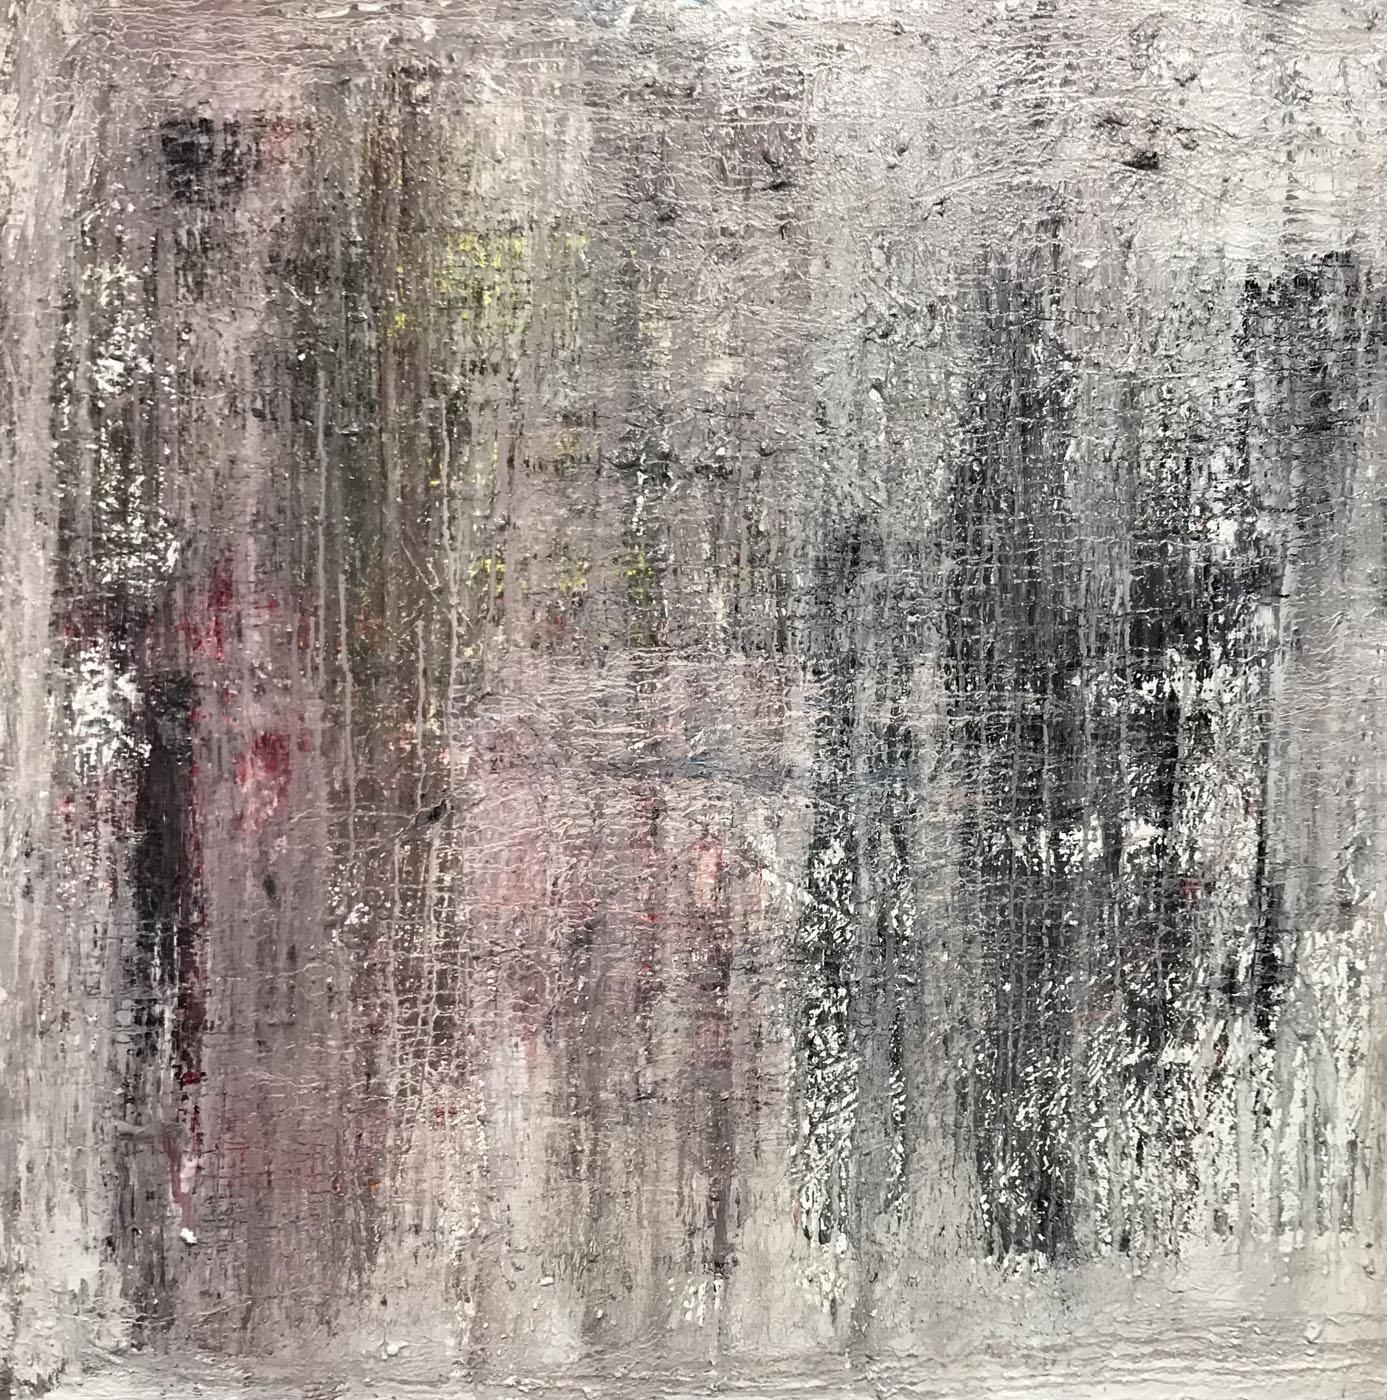 MARC FELD 2021 RATURES Huile sur toile 120 x 120 cm